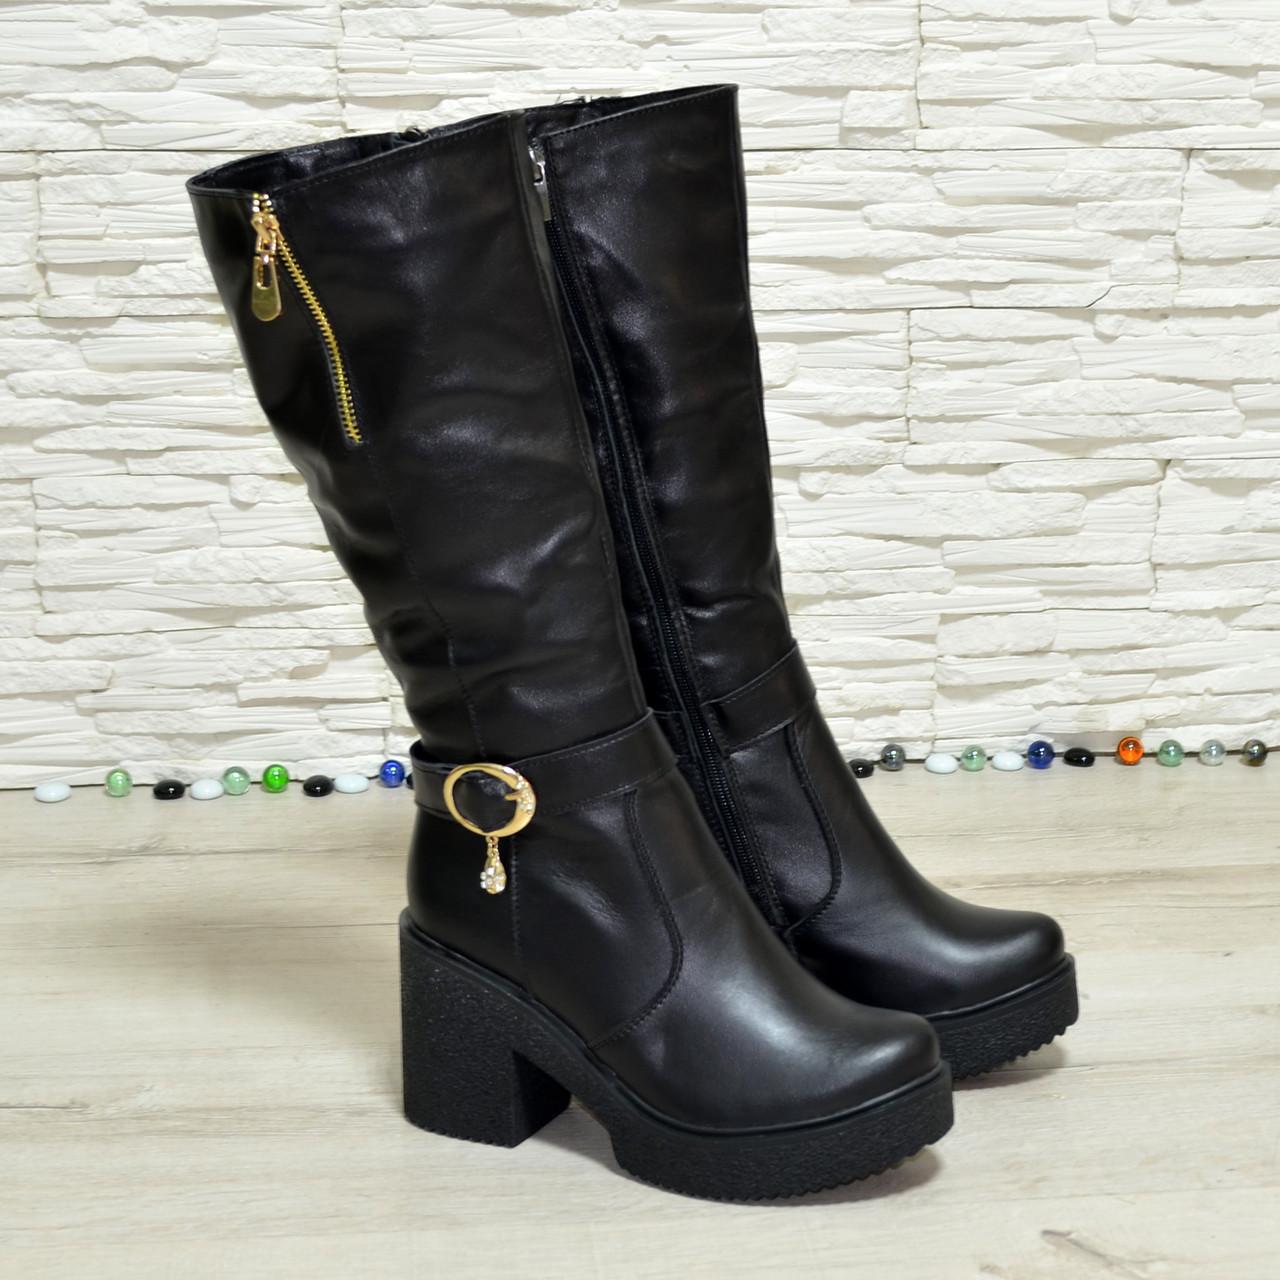 Сапоги черные кожаные женские зимние на высоком каблуке